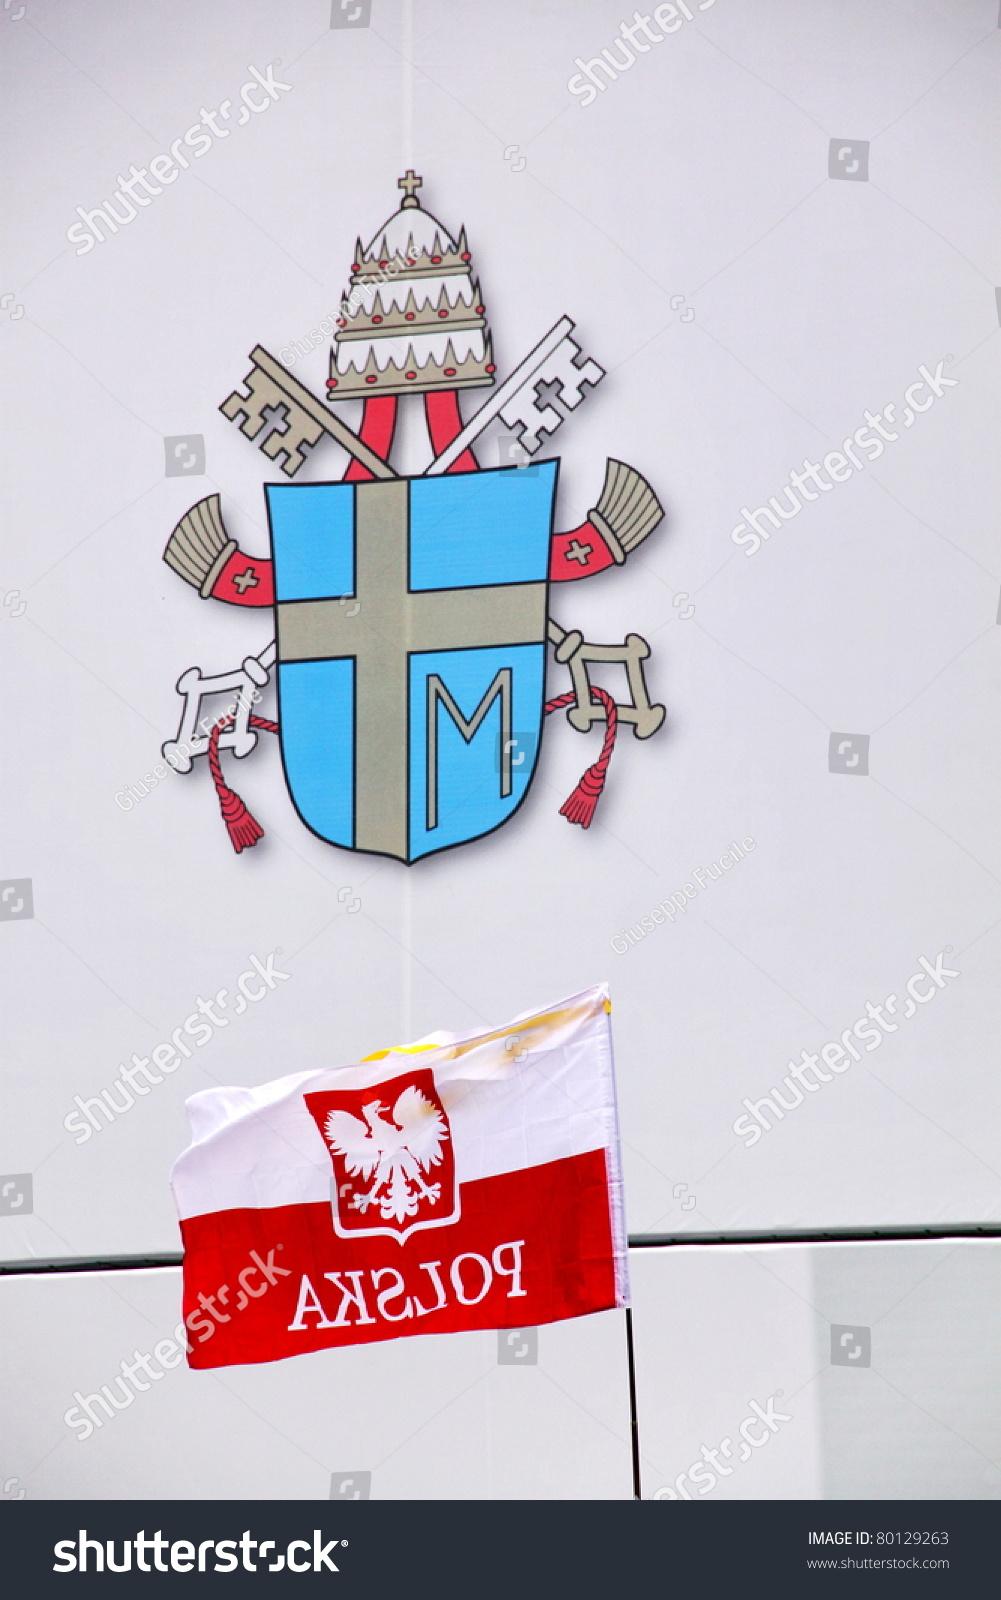 Rome may 1 polish flag hold stock photo 80129263 shutterstock rome may 1 polish flag hold near to popes john paul ii symbol during buycottarizona Choice Image